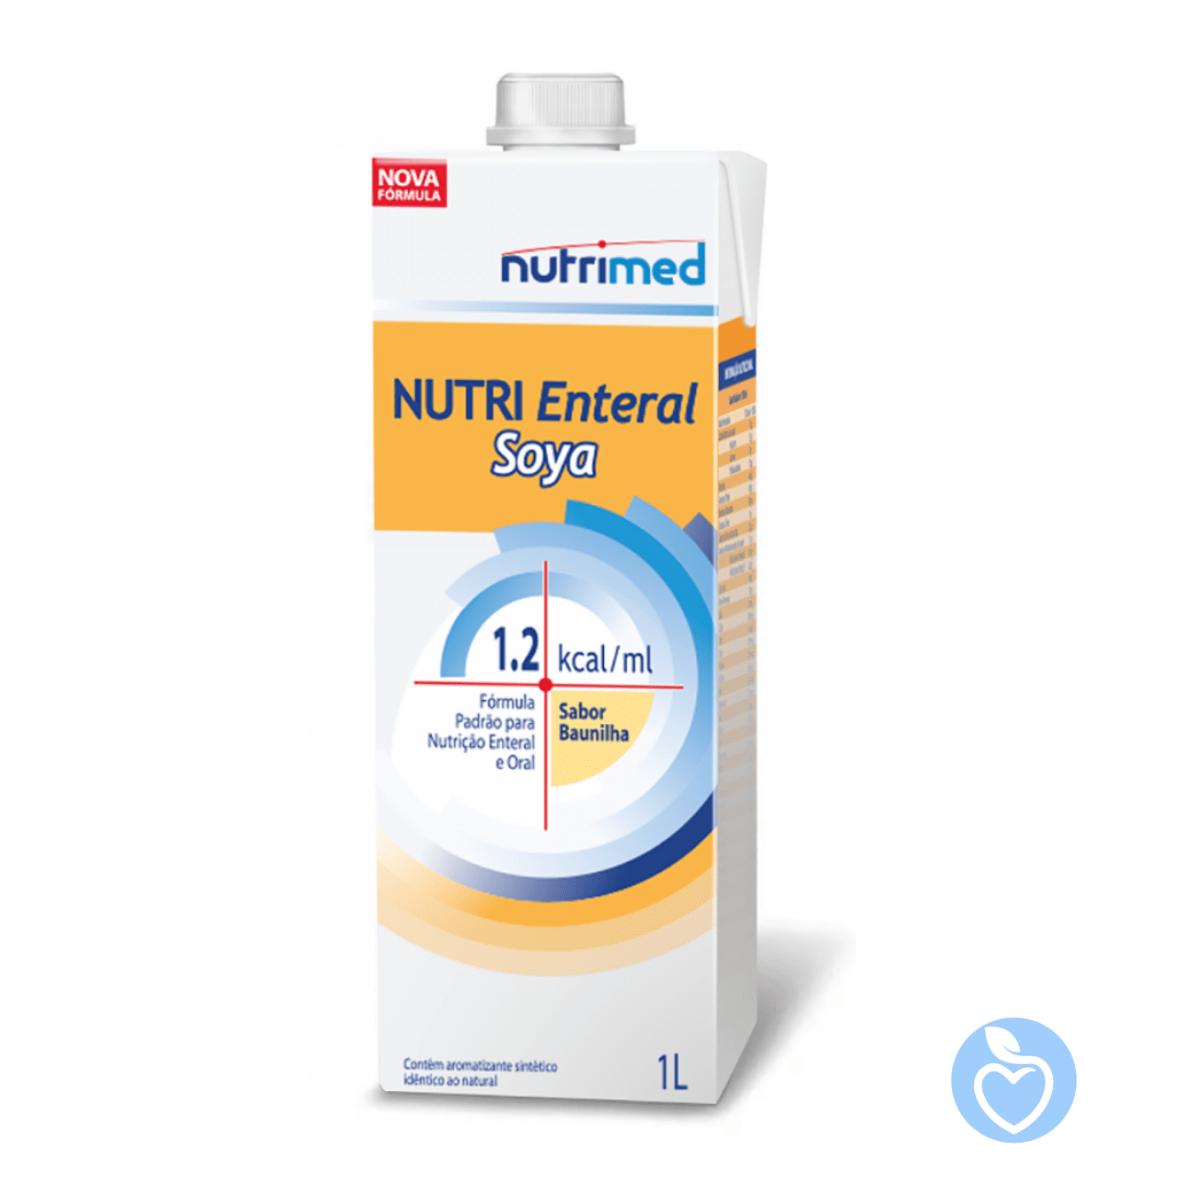 NUTRI ENTERAL SOYA 1.2 1000 ml